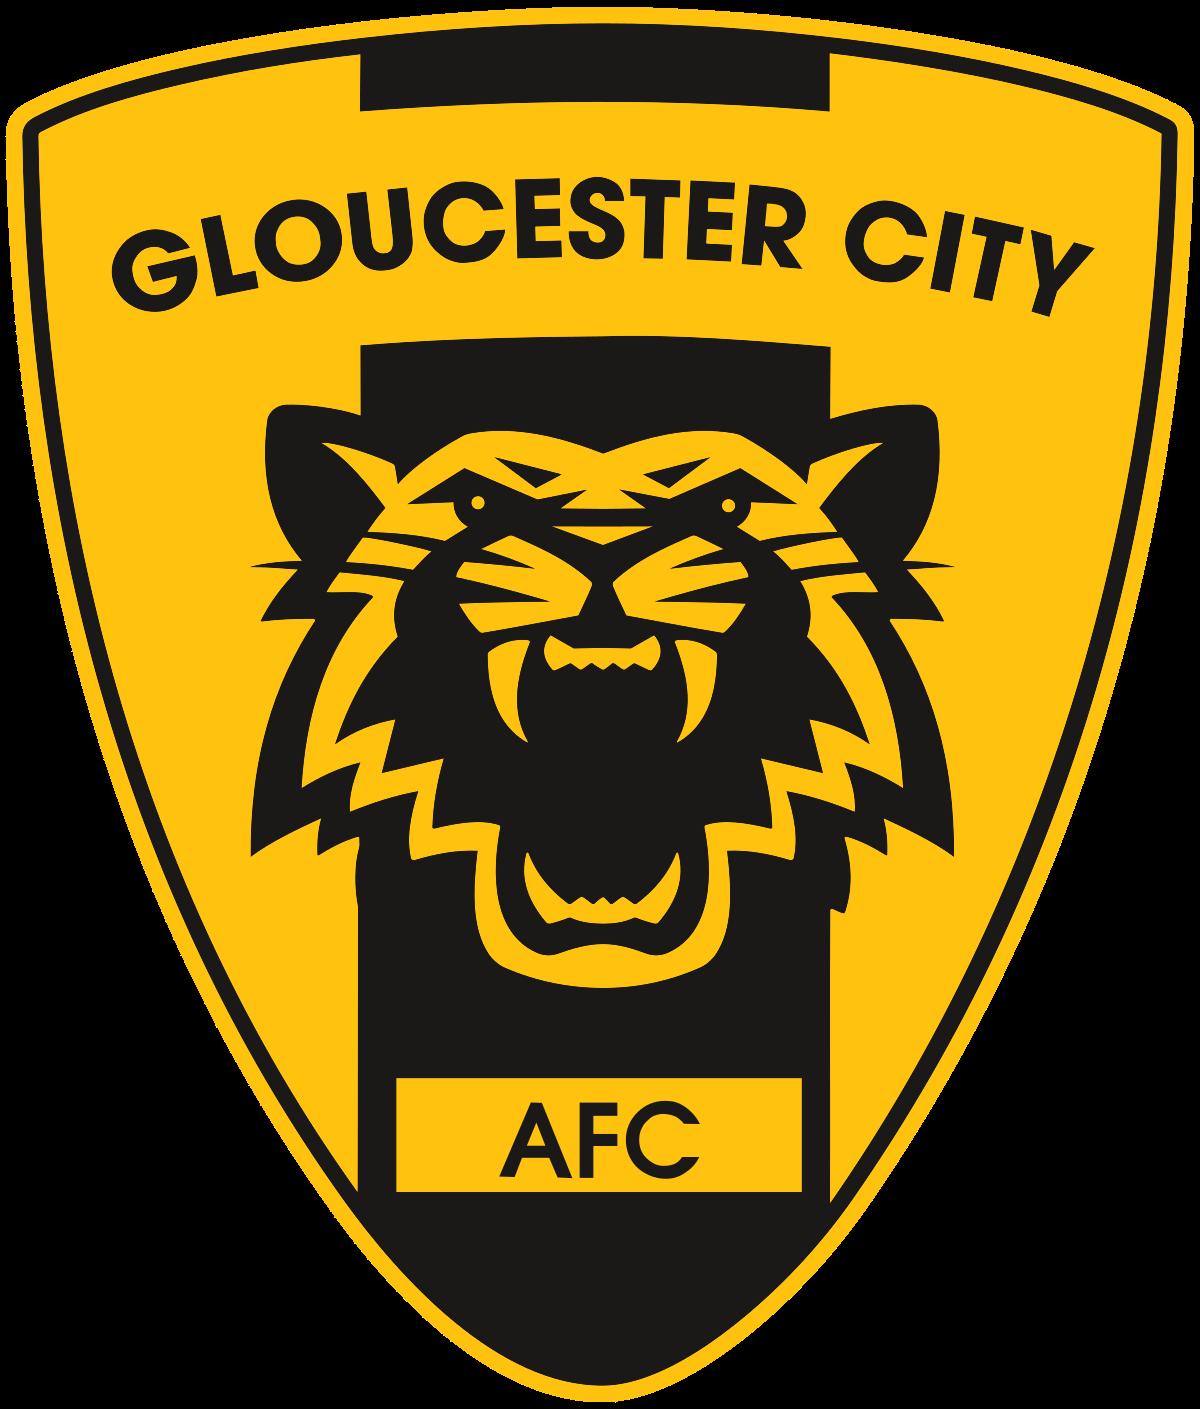 Gloucester City